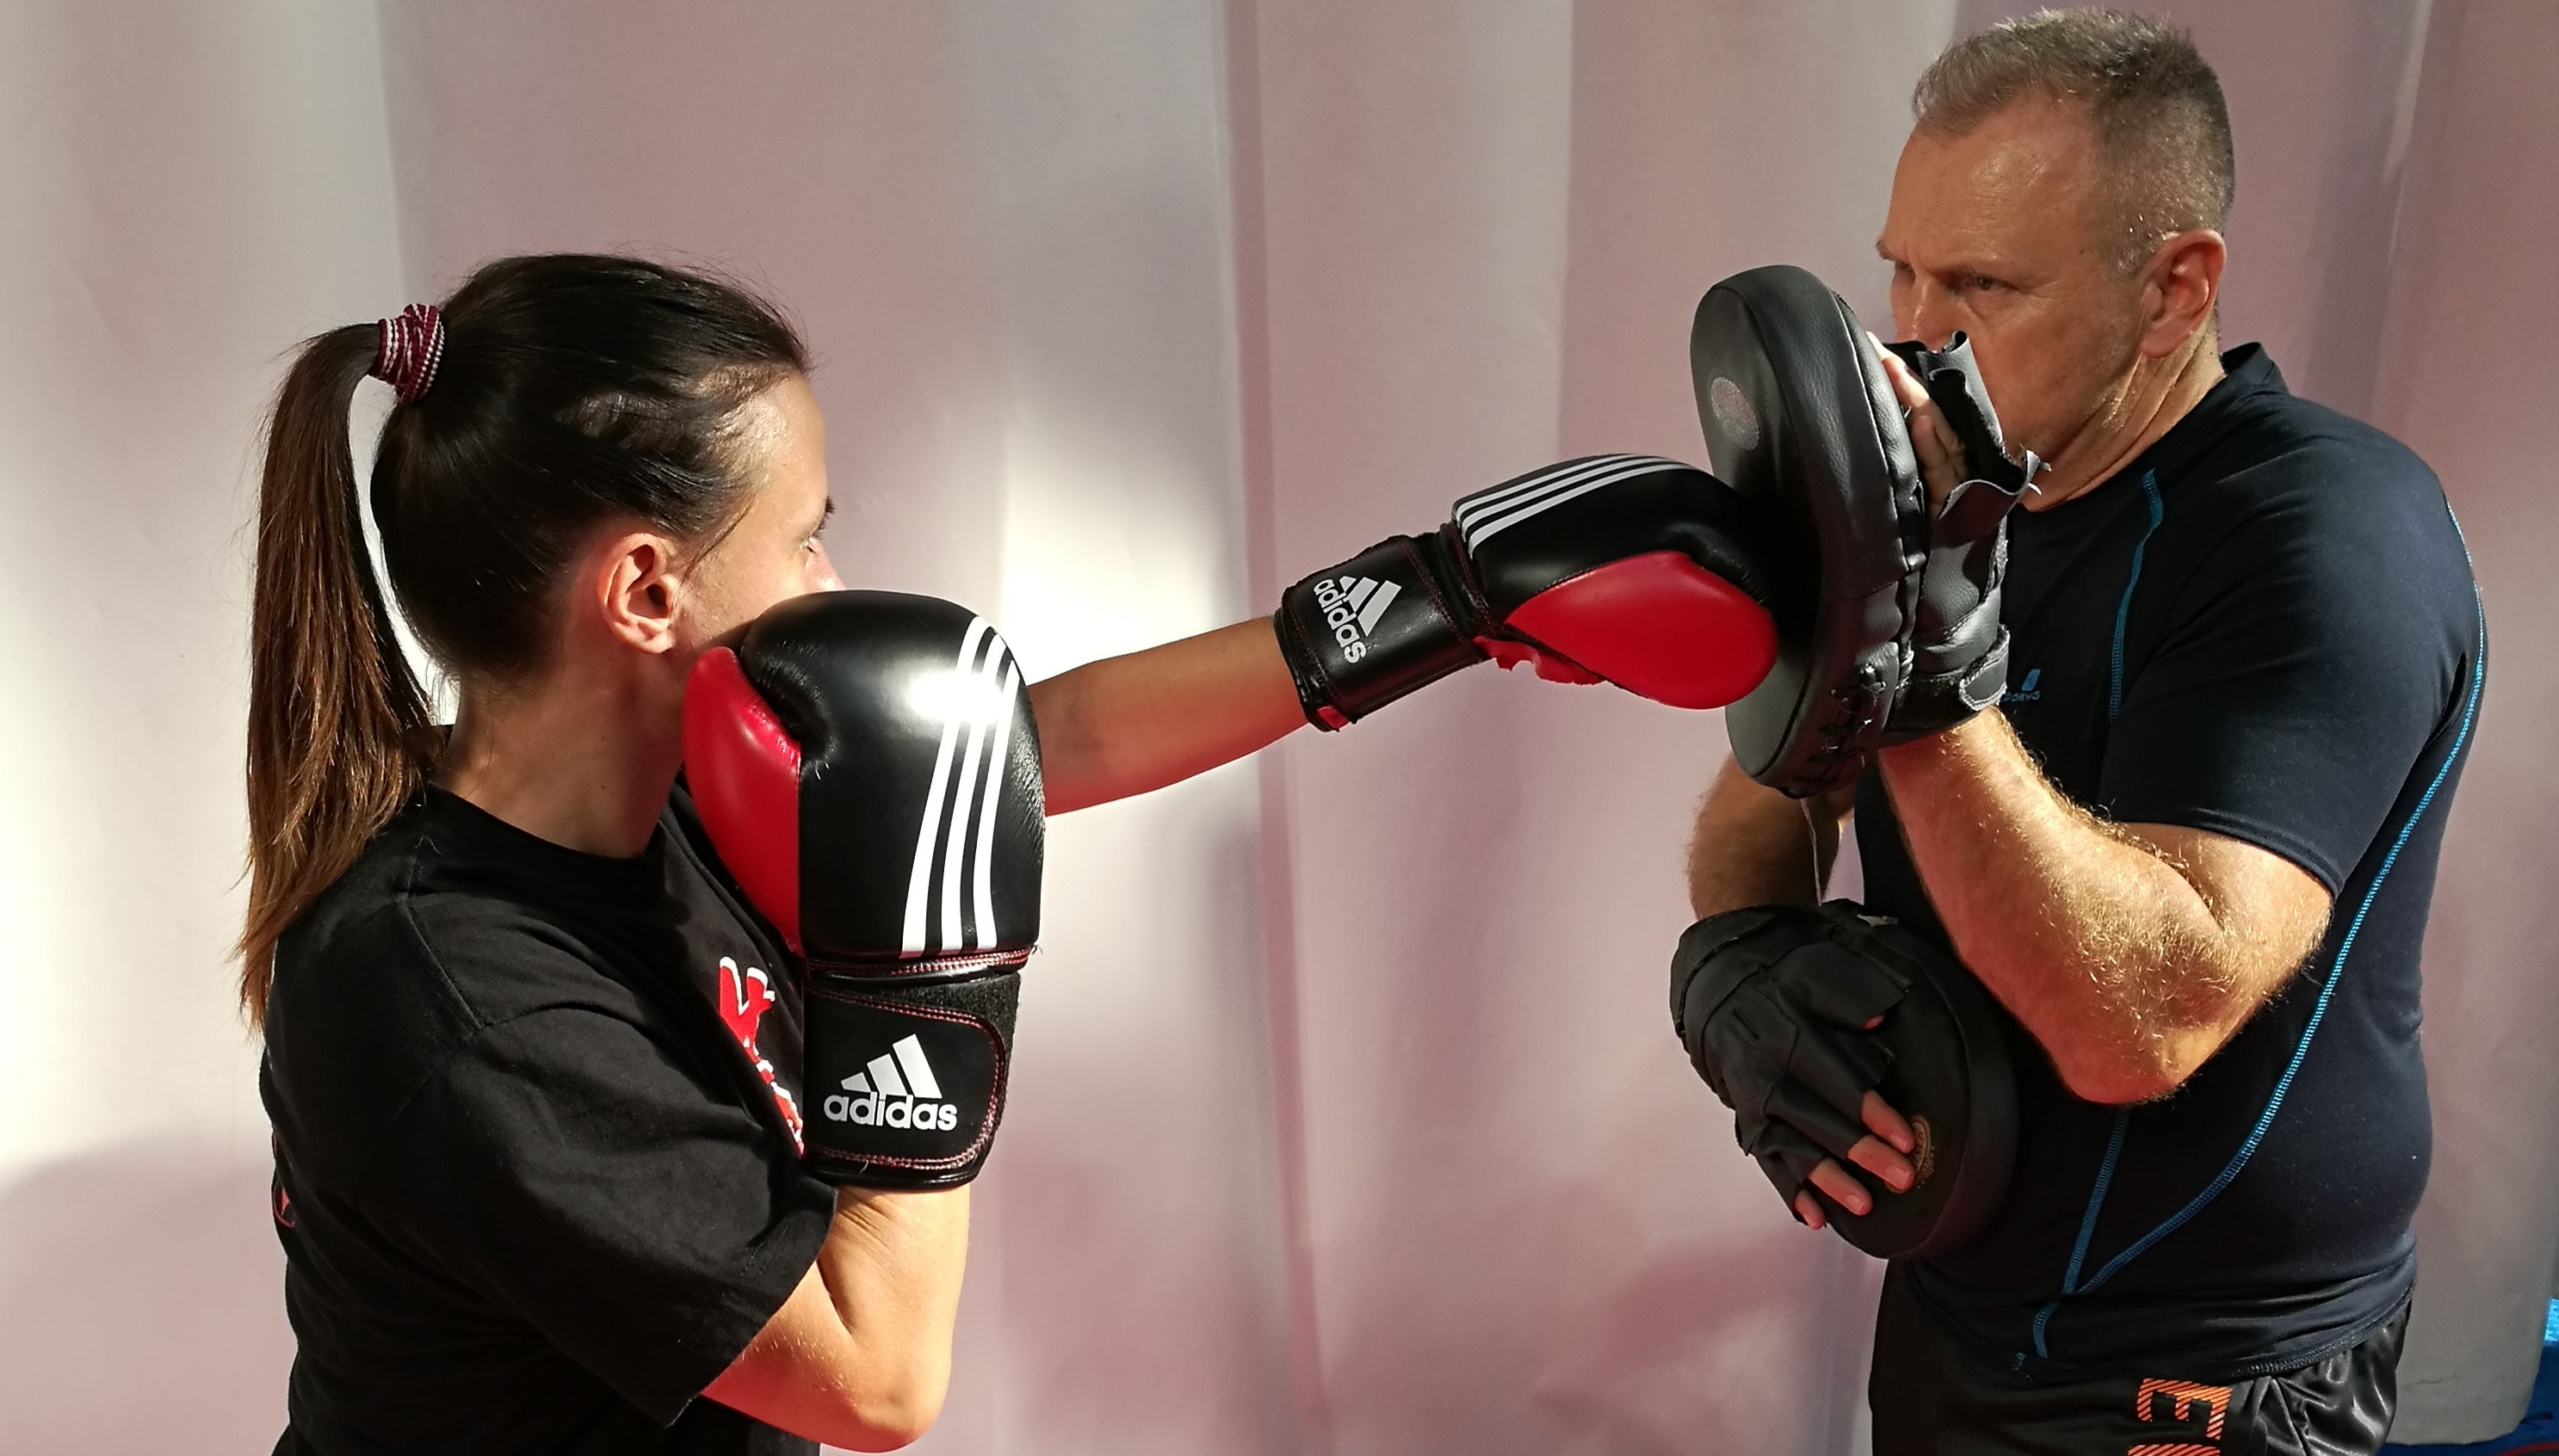 Egyéni Oktatás, privát edzés - Kyokushin Karate, Kick-box oktatás, Defendo önvédelem.jpg